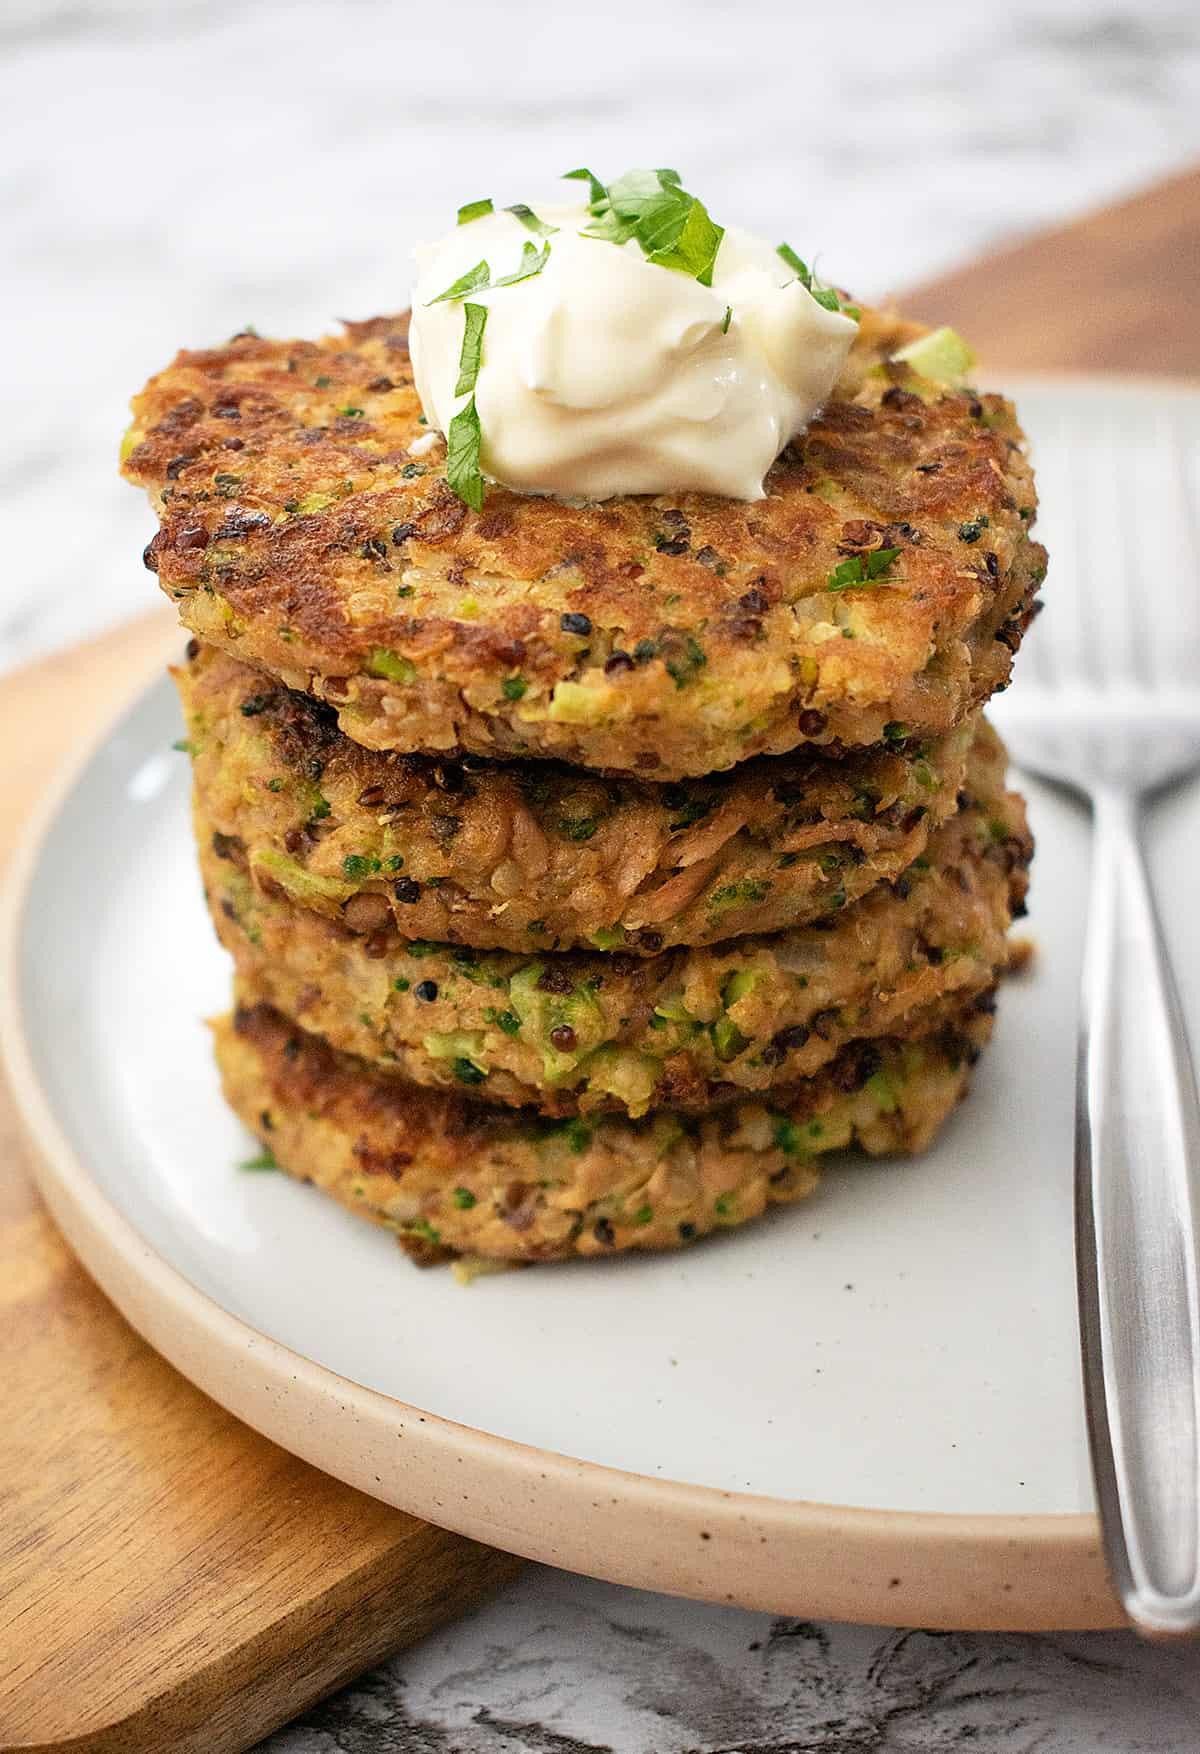 croquetas de quinoa y atún servidas una sobre otra sobre un plato blanco.